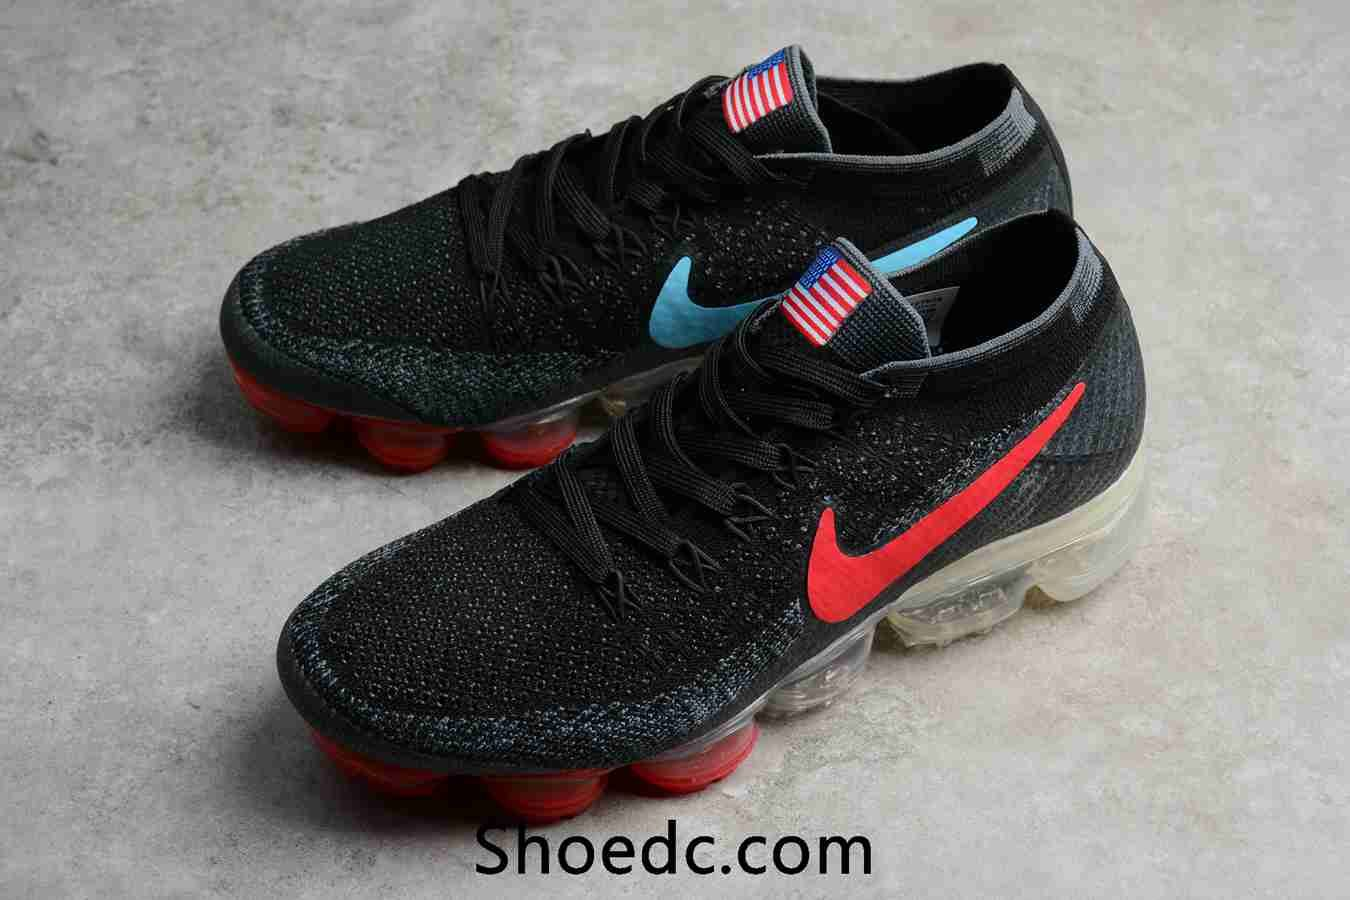 79092e769de0d New Nike Air VaporMax 2018 Flyknit Black USA Flag Women Men